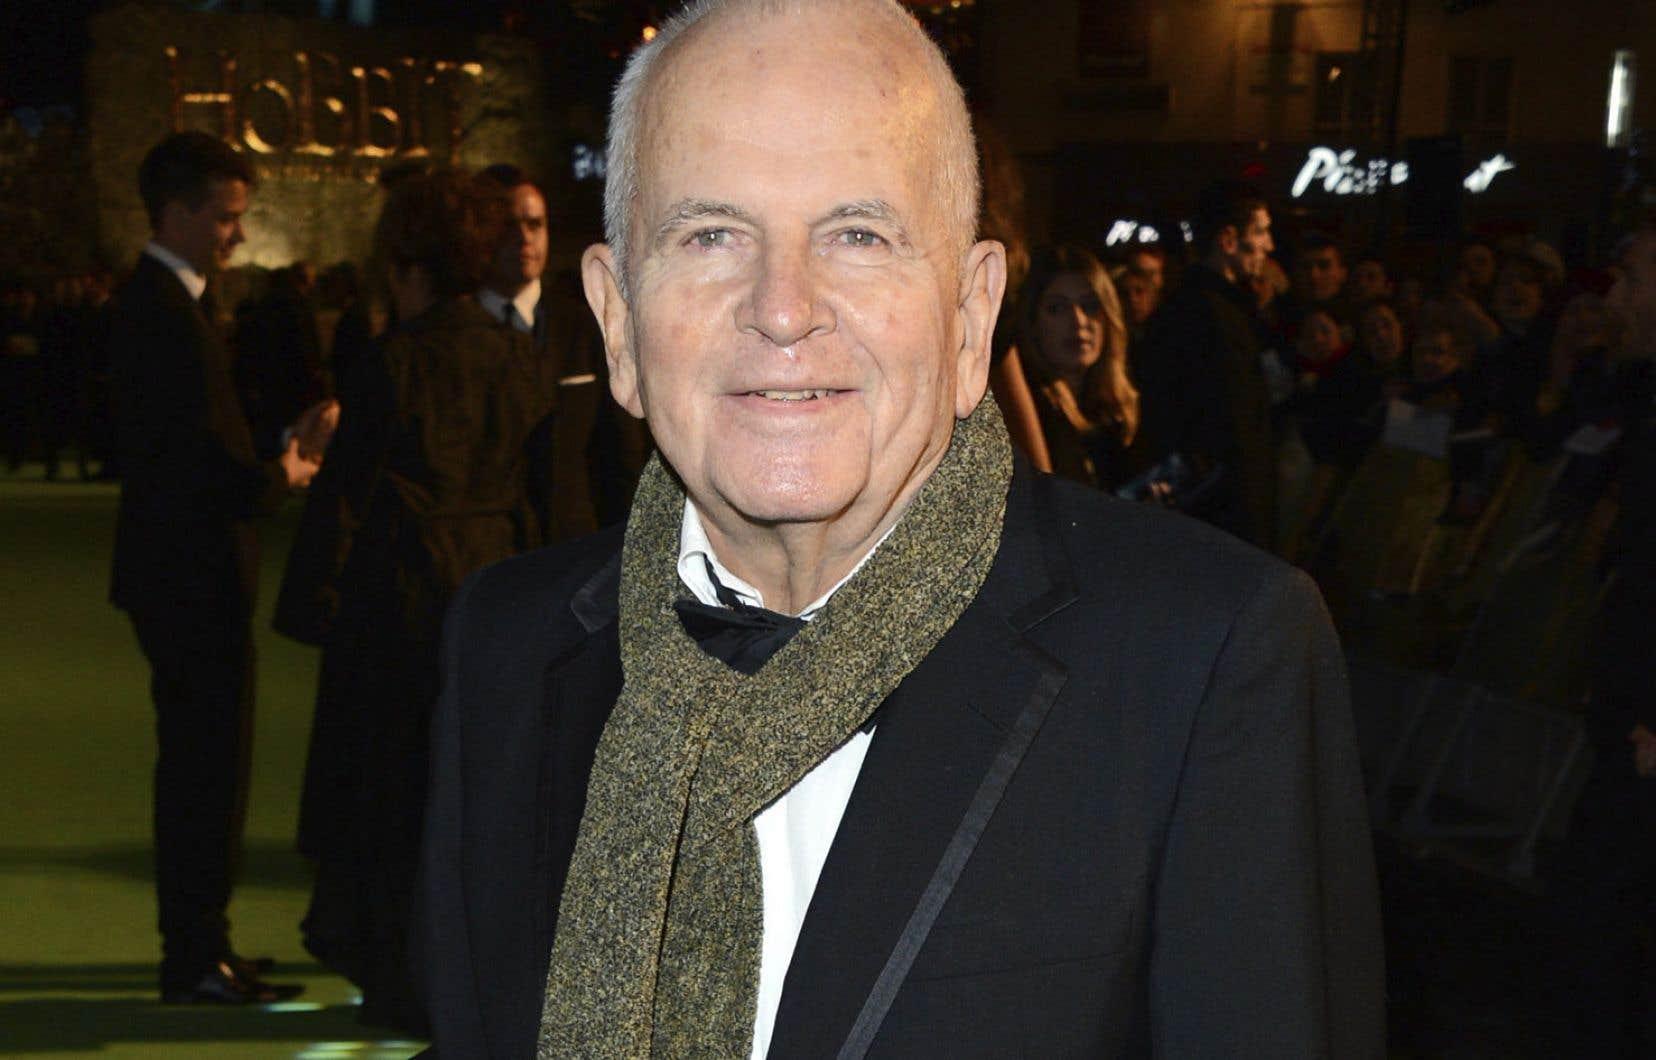 L'acteur anglais est décédé à l'âge de 88 ans de complications liées à la maladie de Parkinson.